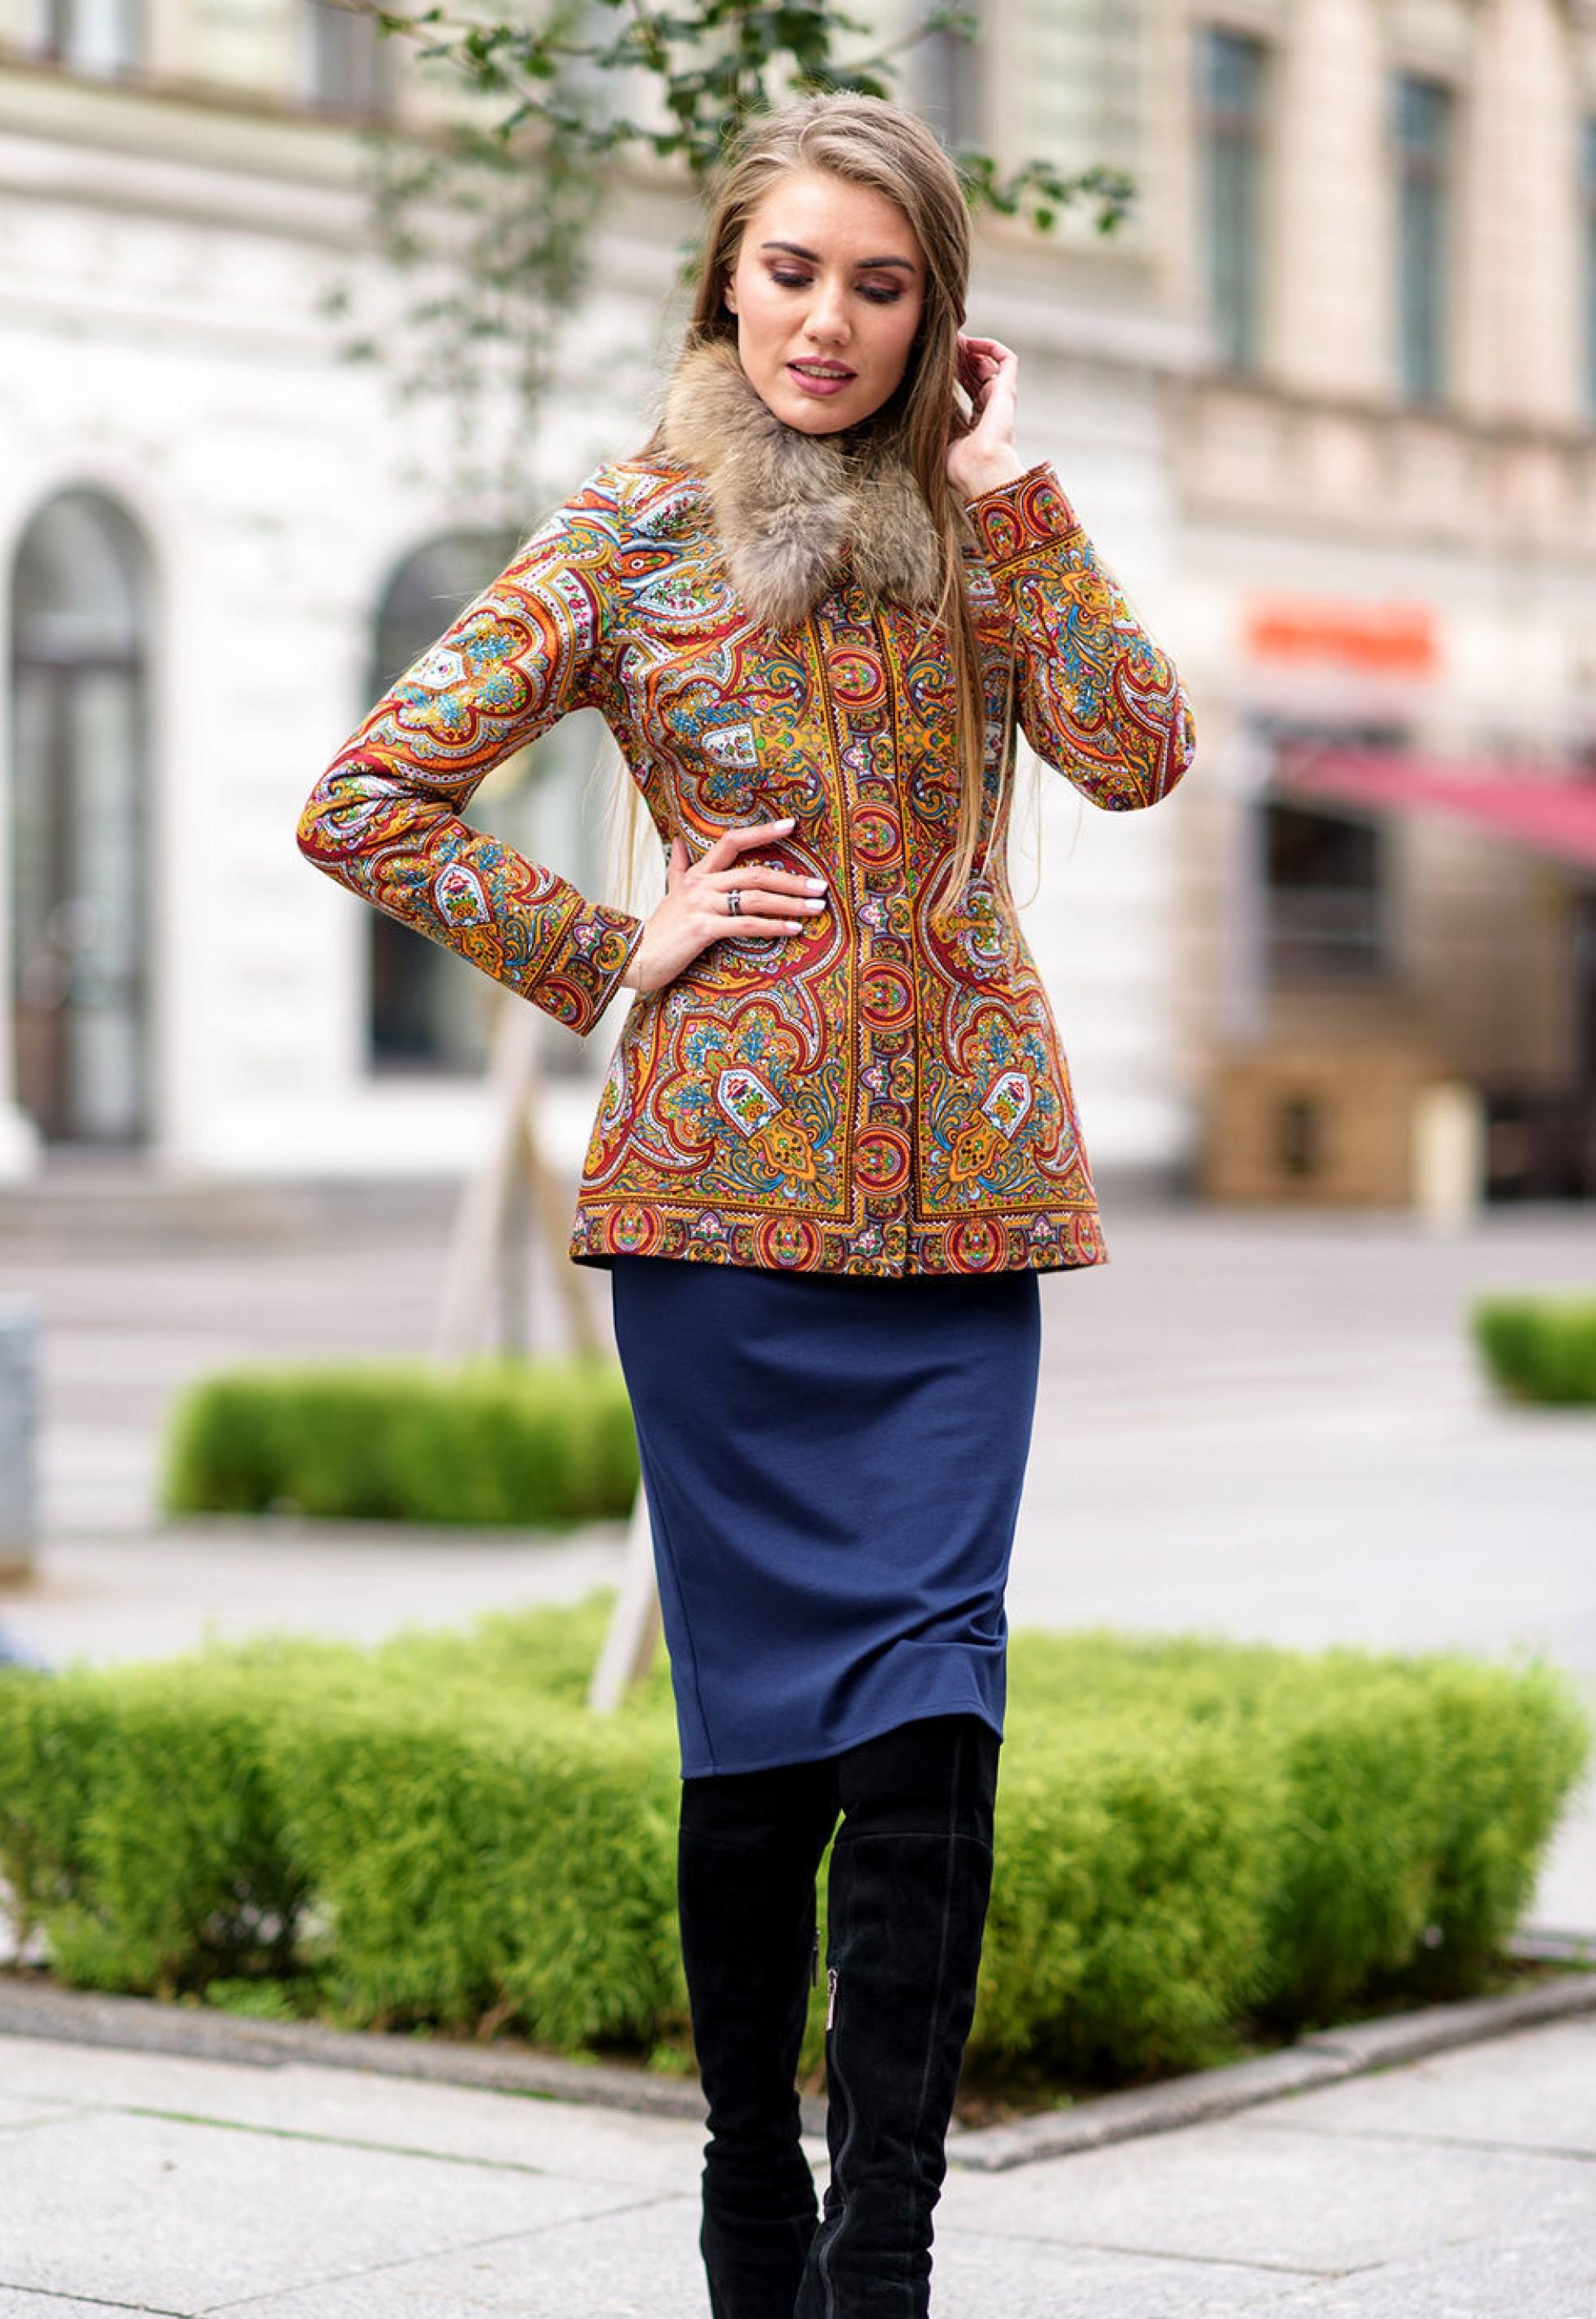 856fd4a12b380d Короткая куртка-пальто с натуральным мехом из платков в русском стиле -  Раделия. Магазин женской одежды